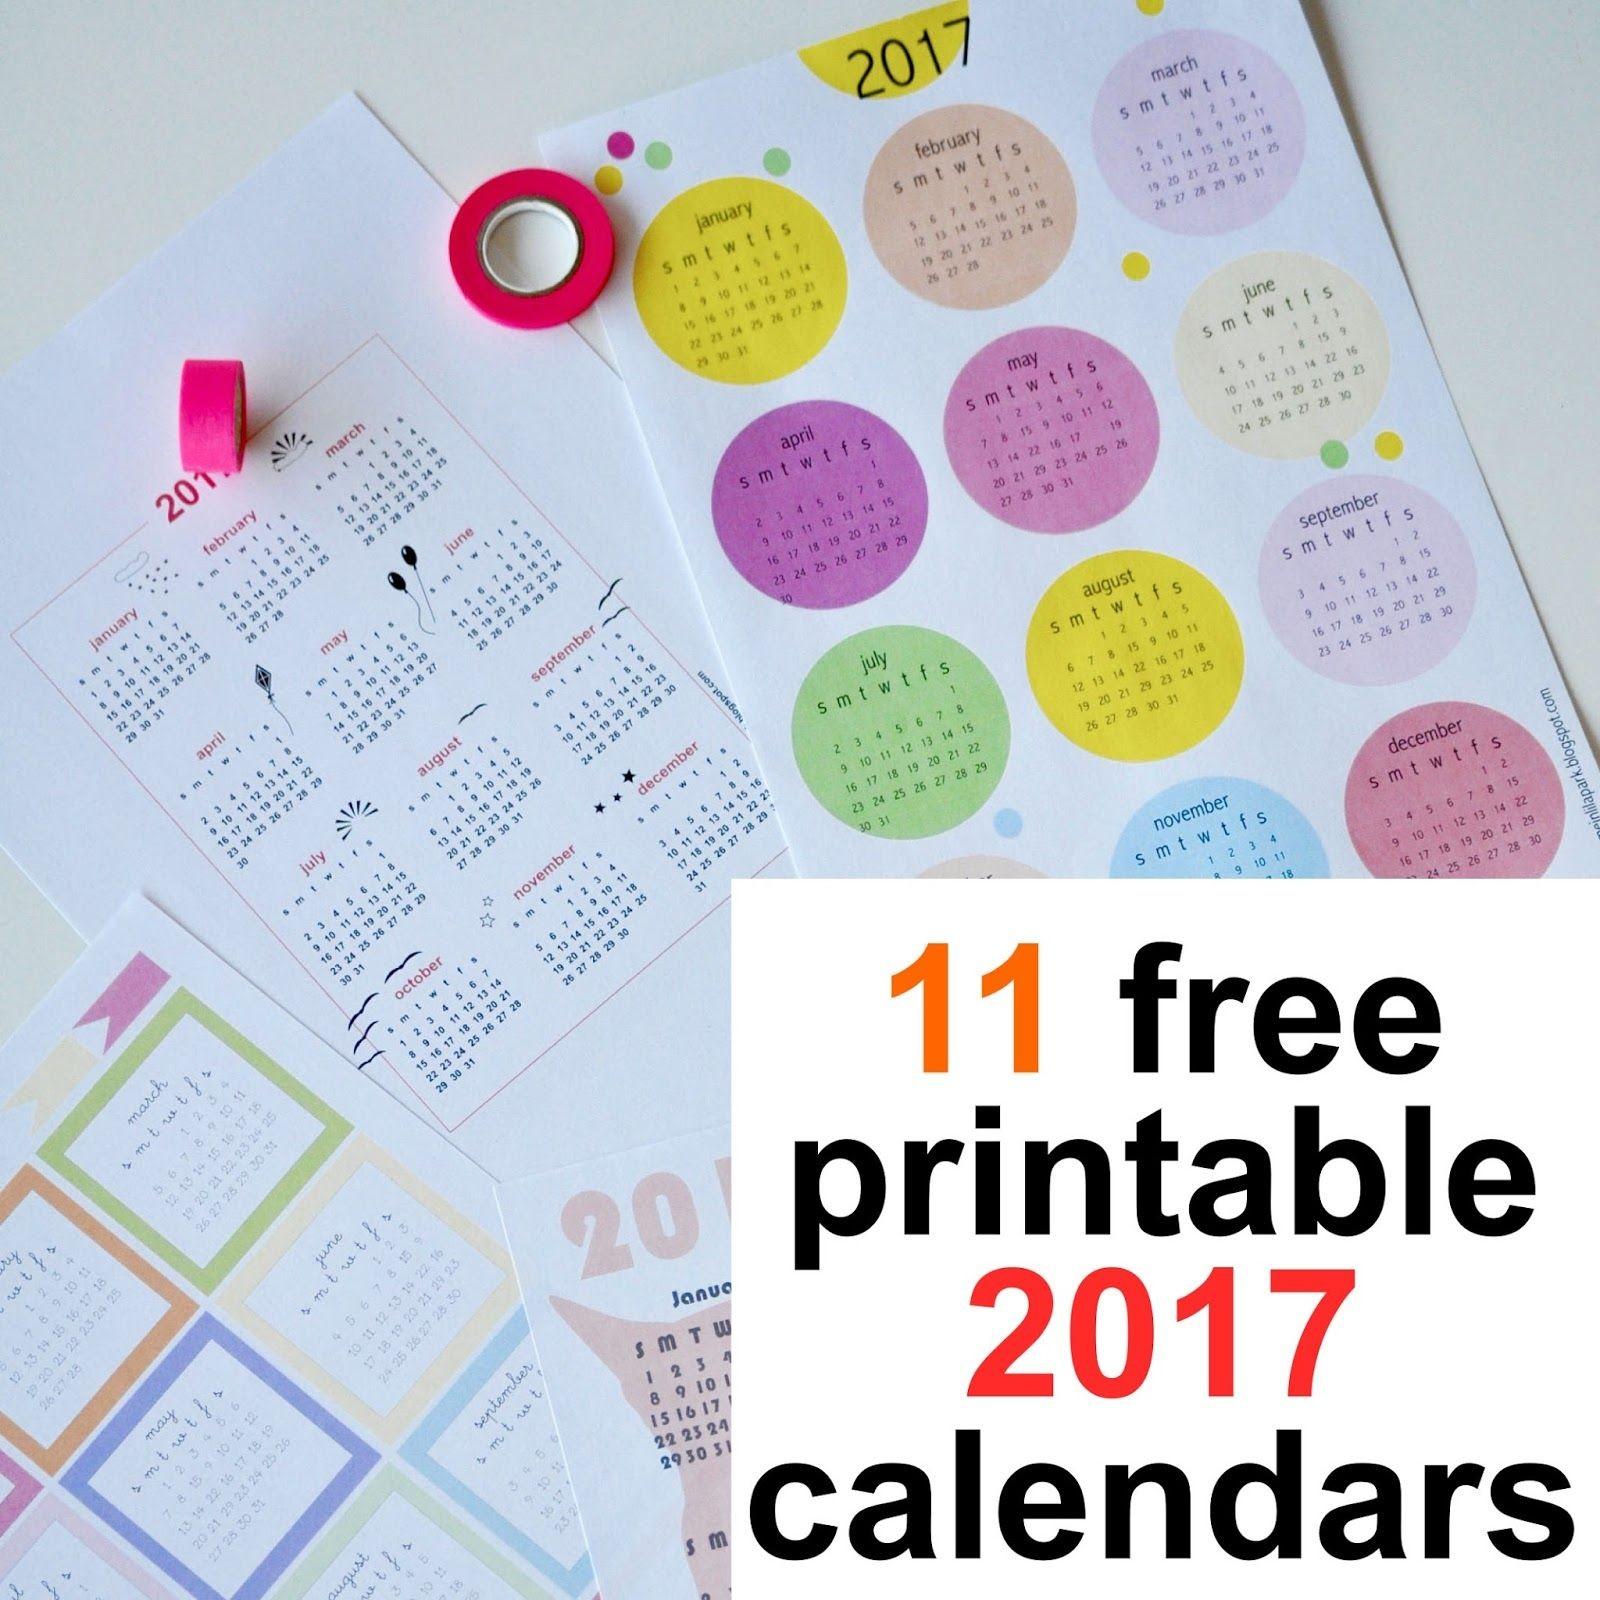 Imprimir Um Calendario Más Caliente Free Printable 2017 Calendars Round Up Of Imprimir Um Calendario Más Arriba-a-fecha Clau Claudirenemanzo On Pinterest